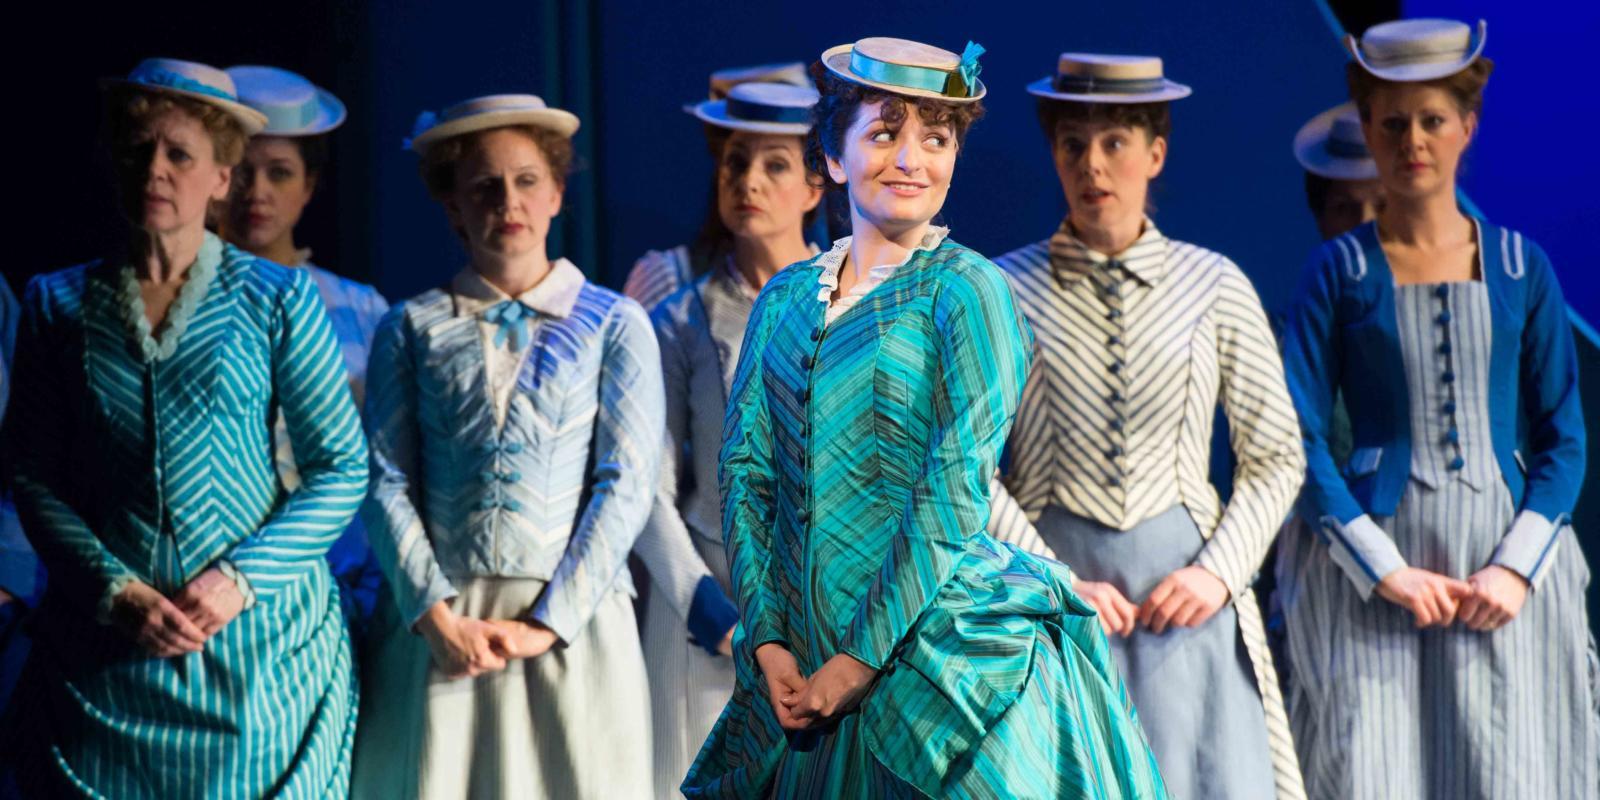 ENO's The Pirates of Penzance - Soraya Mafi as Mabel and ENO Chorus. Photo by Tom Bowles